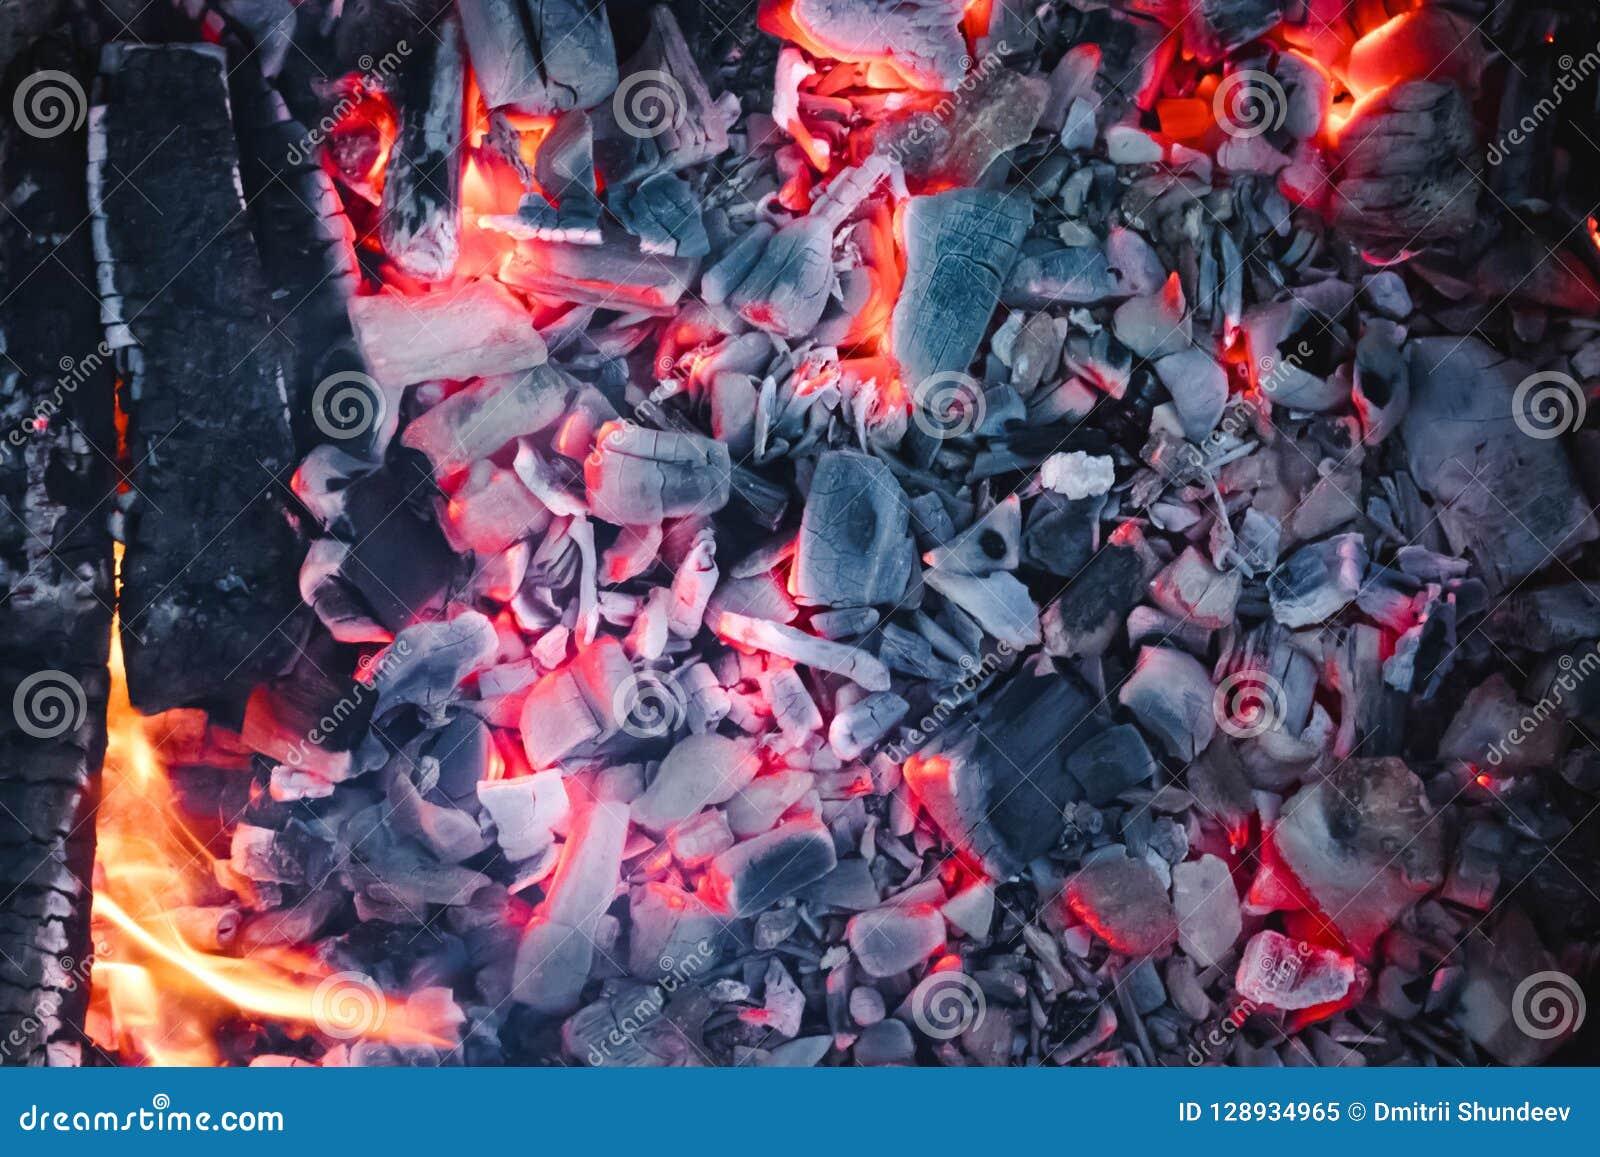 Fundo abstrato de carvões ardentes